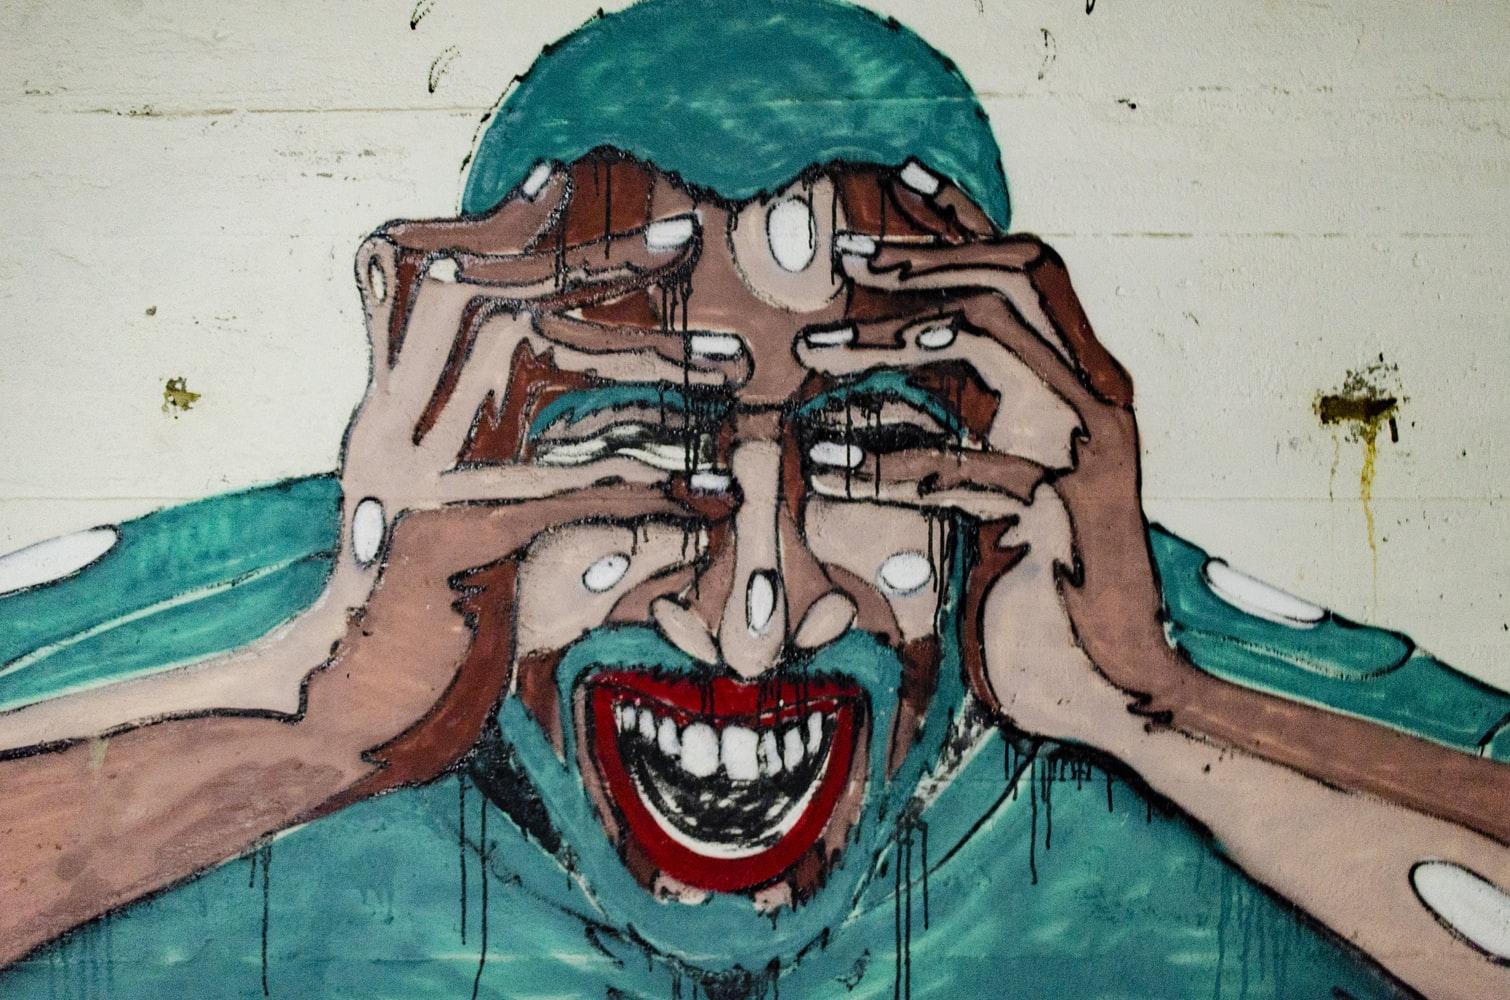 Et si vos maux de tête cachaient des troubles plus graves?